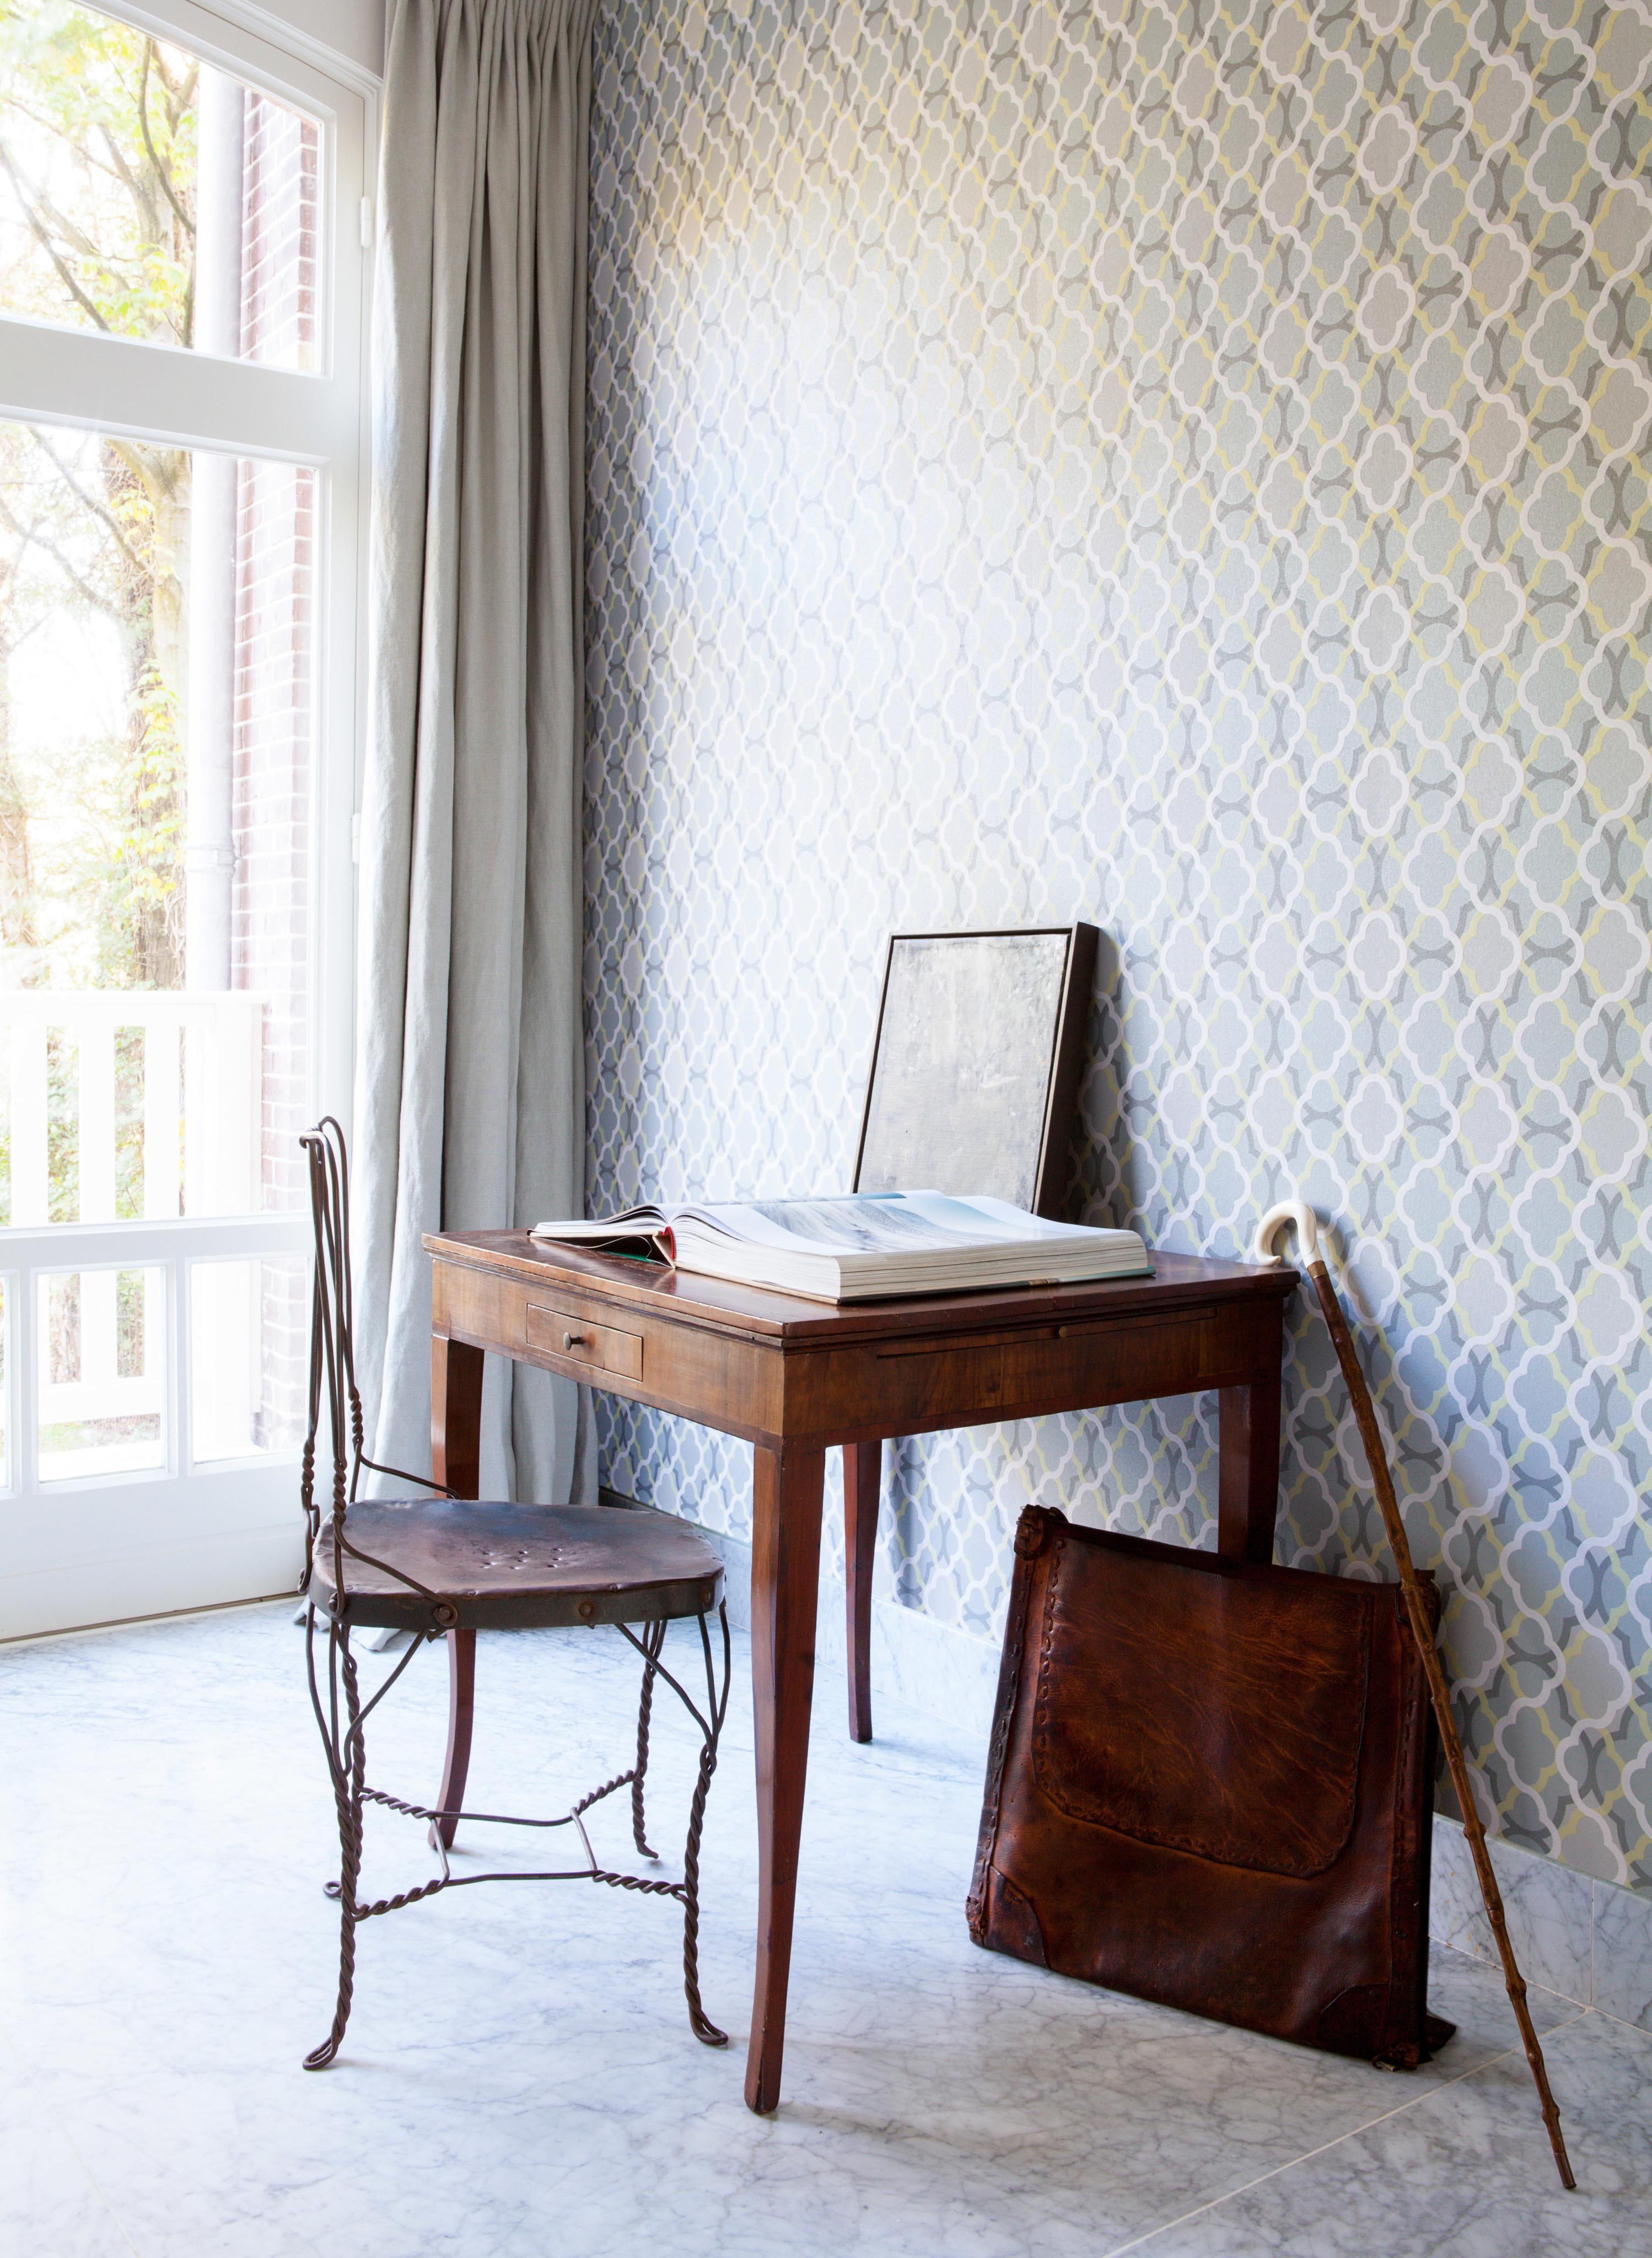 Schreibtisch Im Vintage Stil #schreibtisch #vintage #holzstuhl #marmorboden  ©BN Wallcoverings